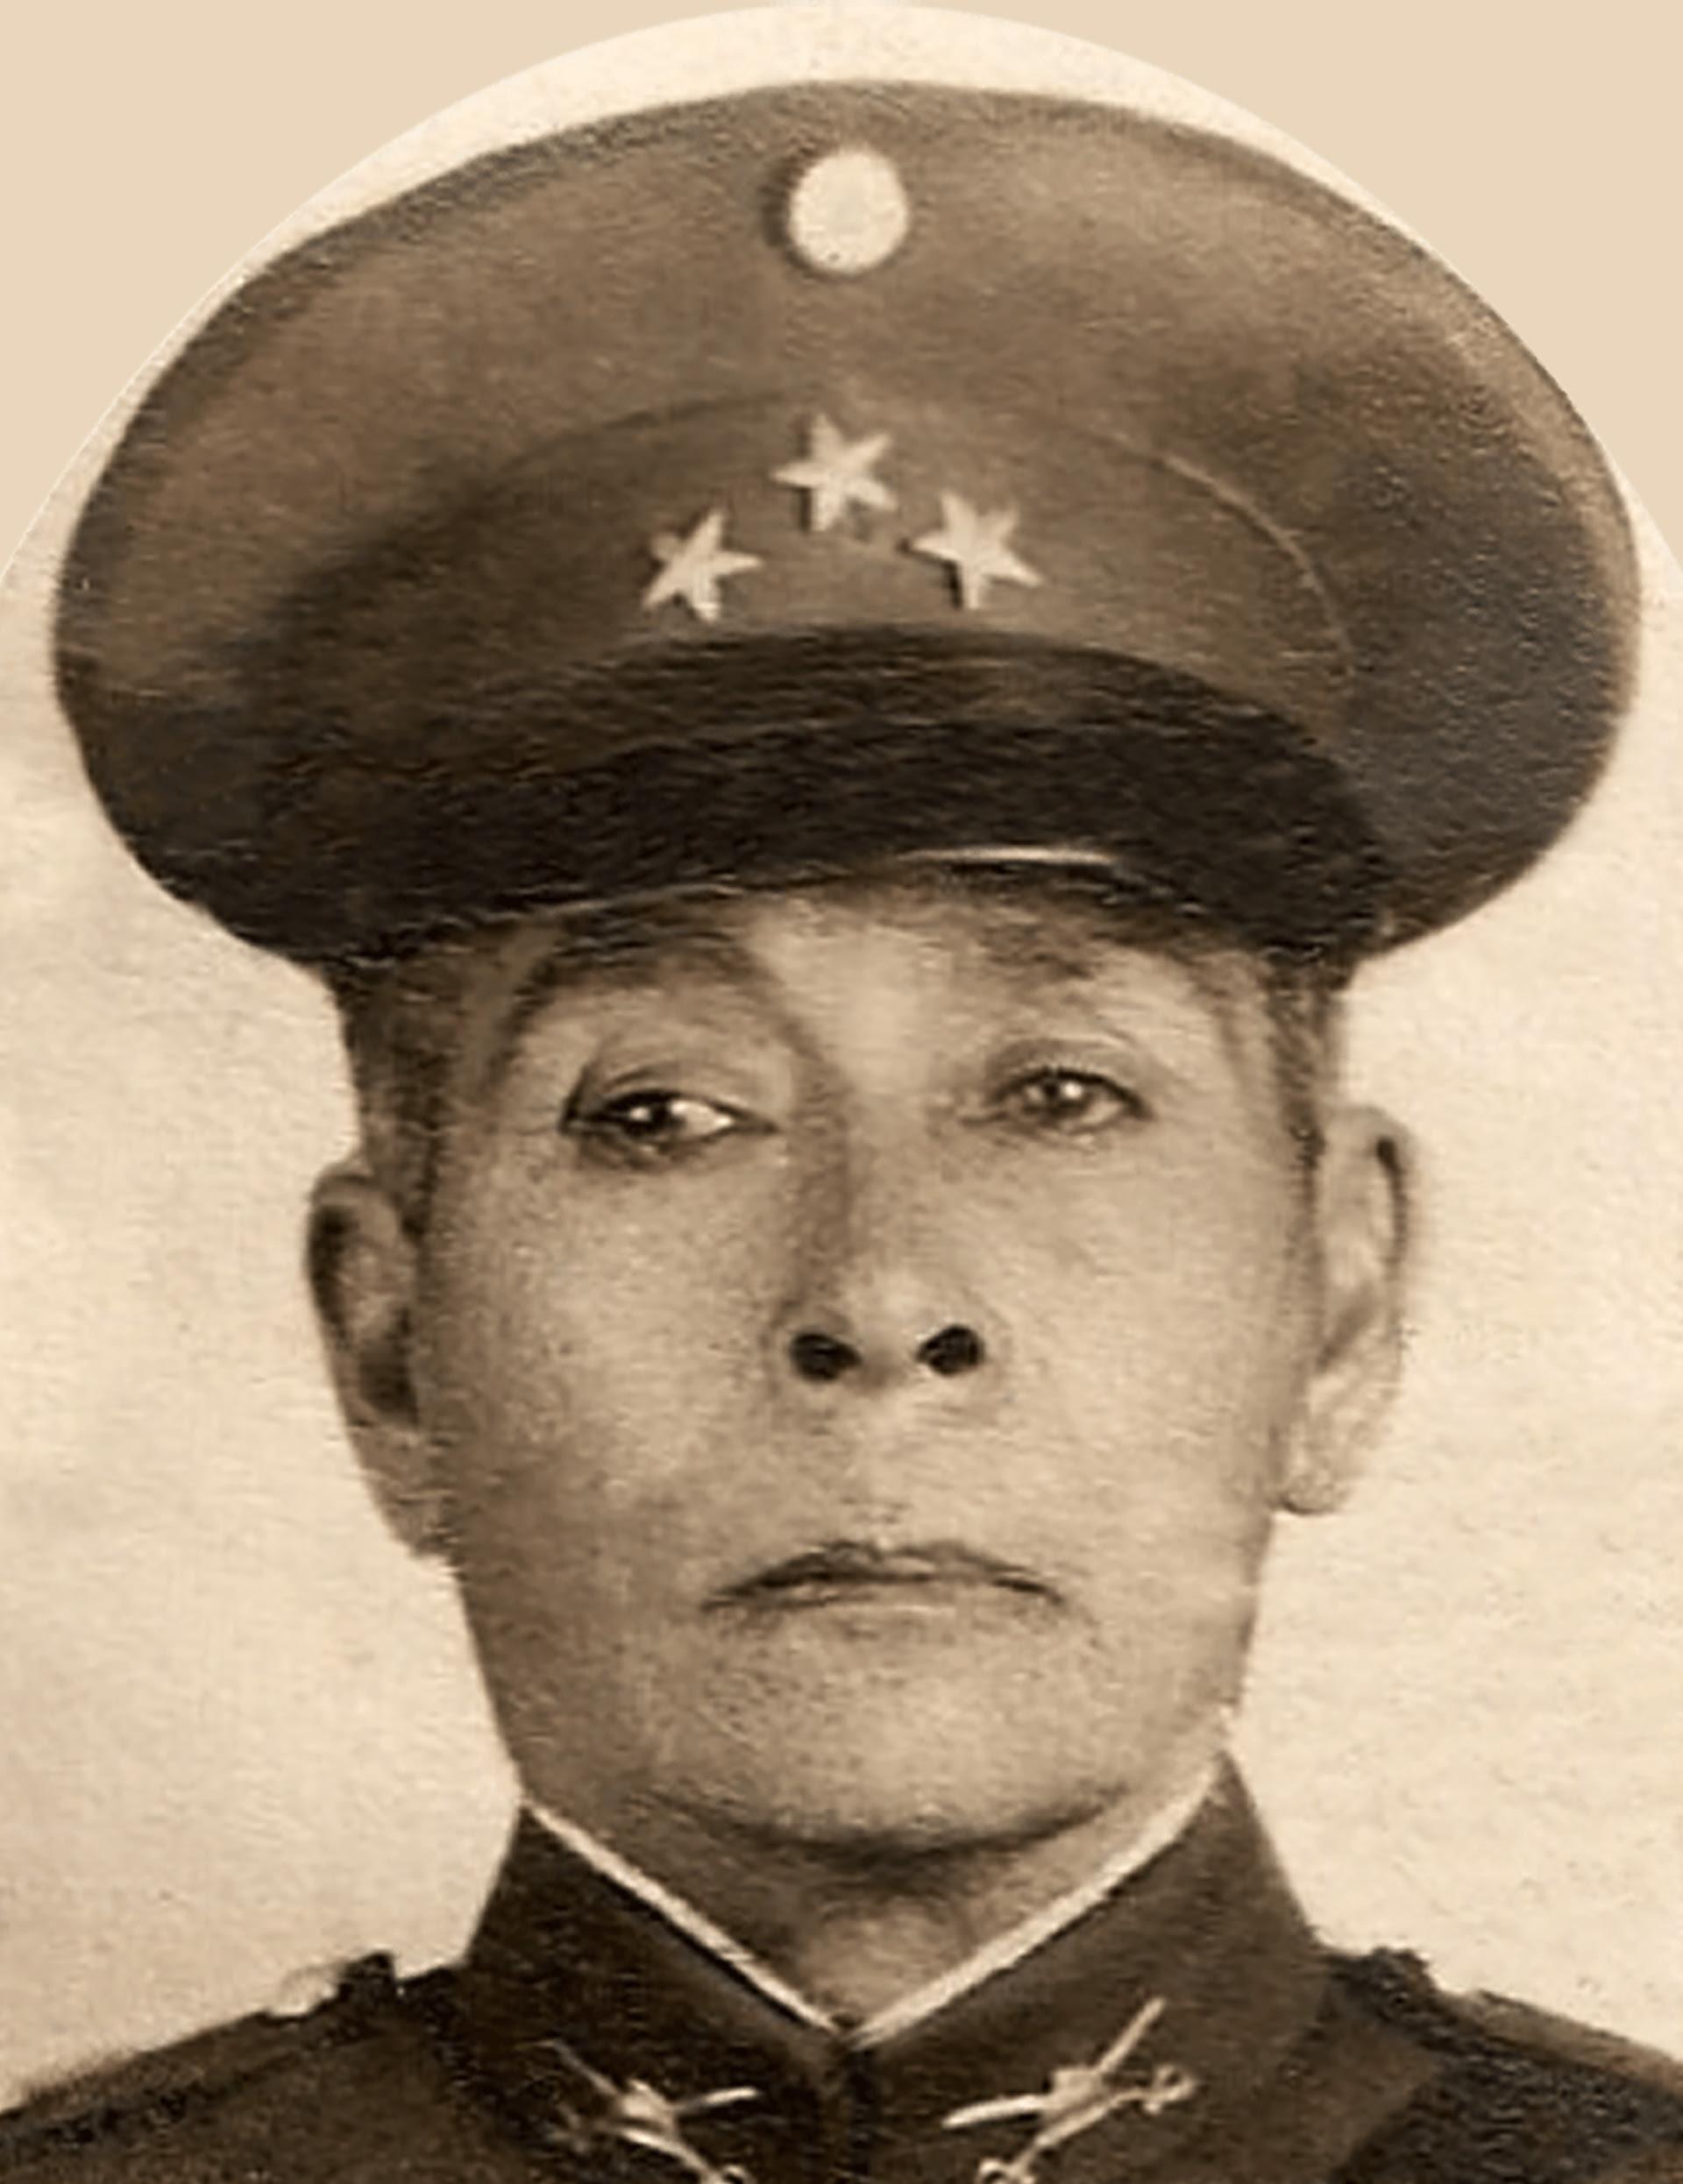 Amelio Robles, el coronel trans de la Revolución Mexicana